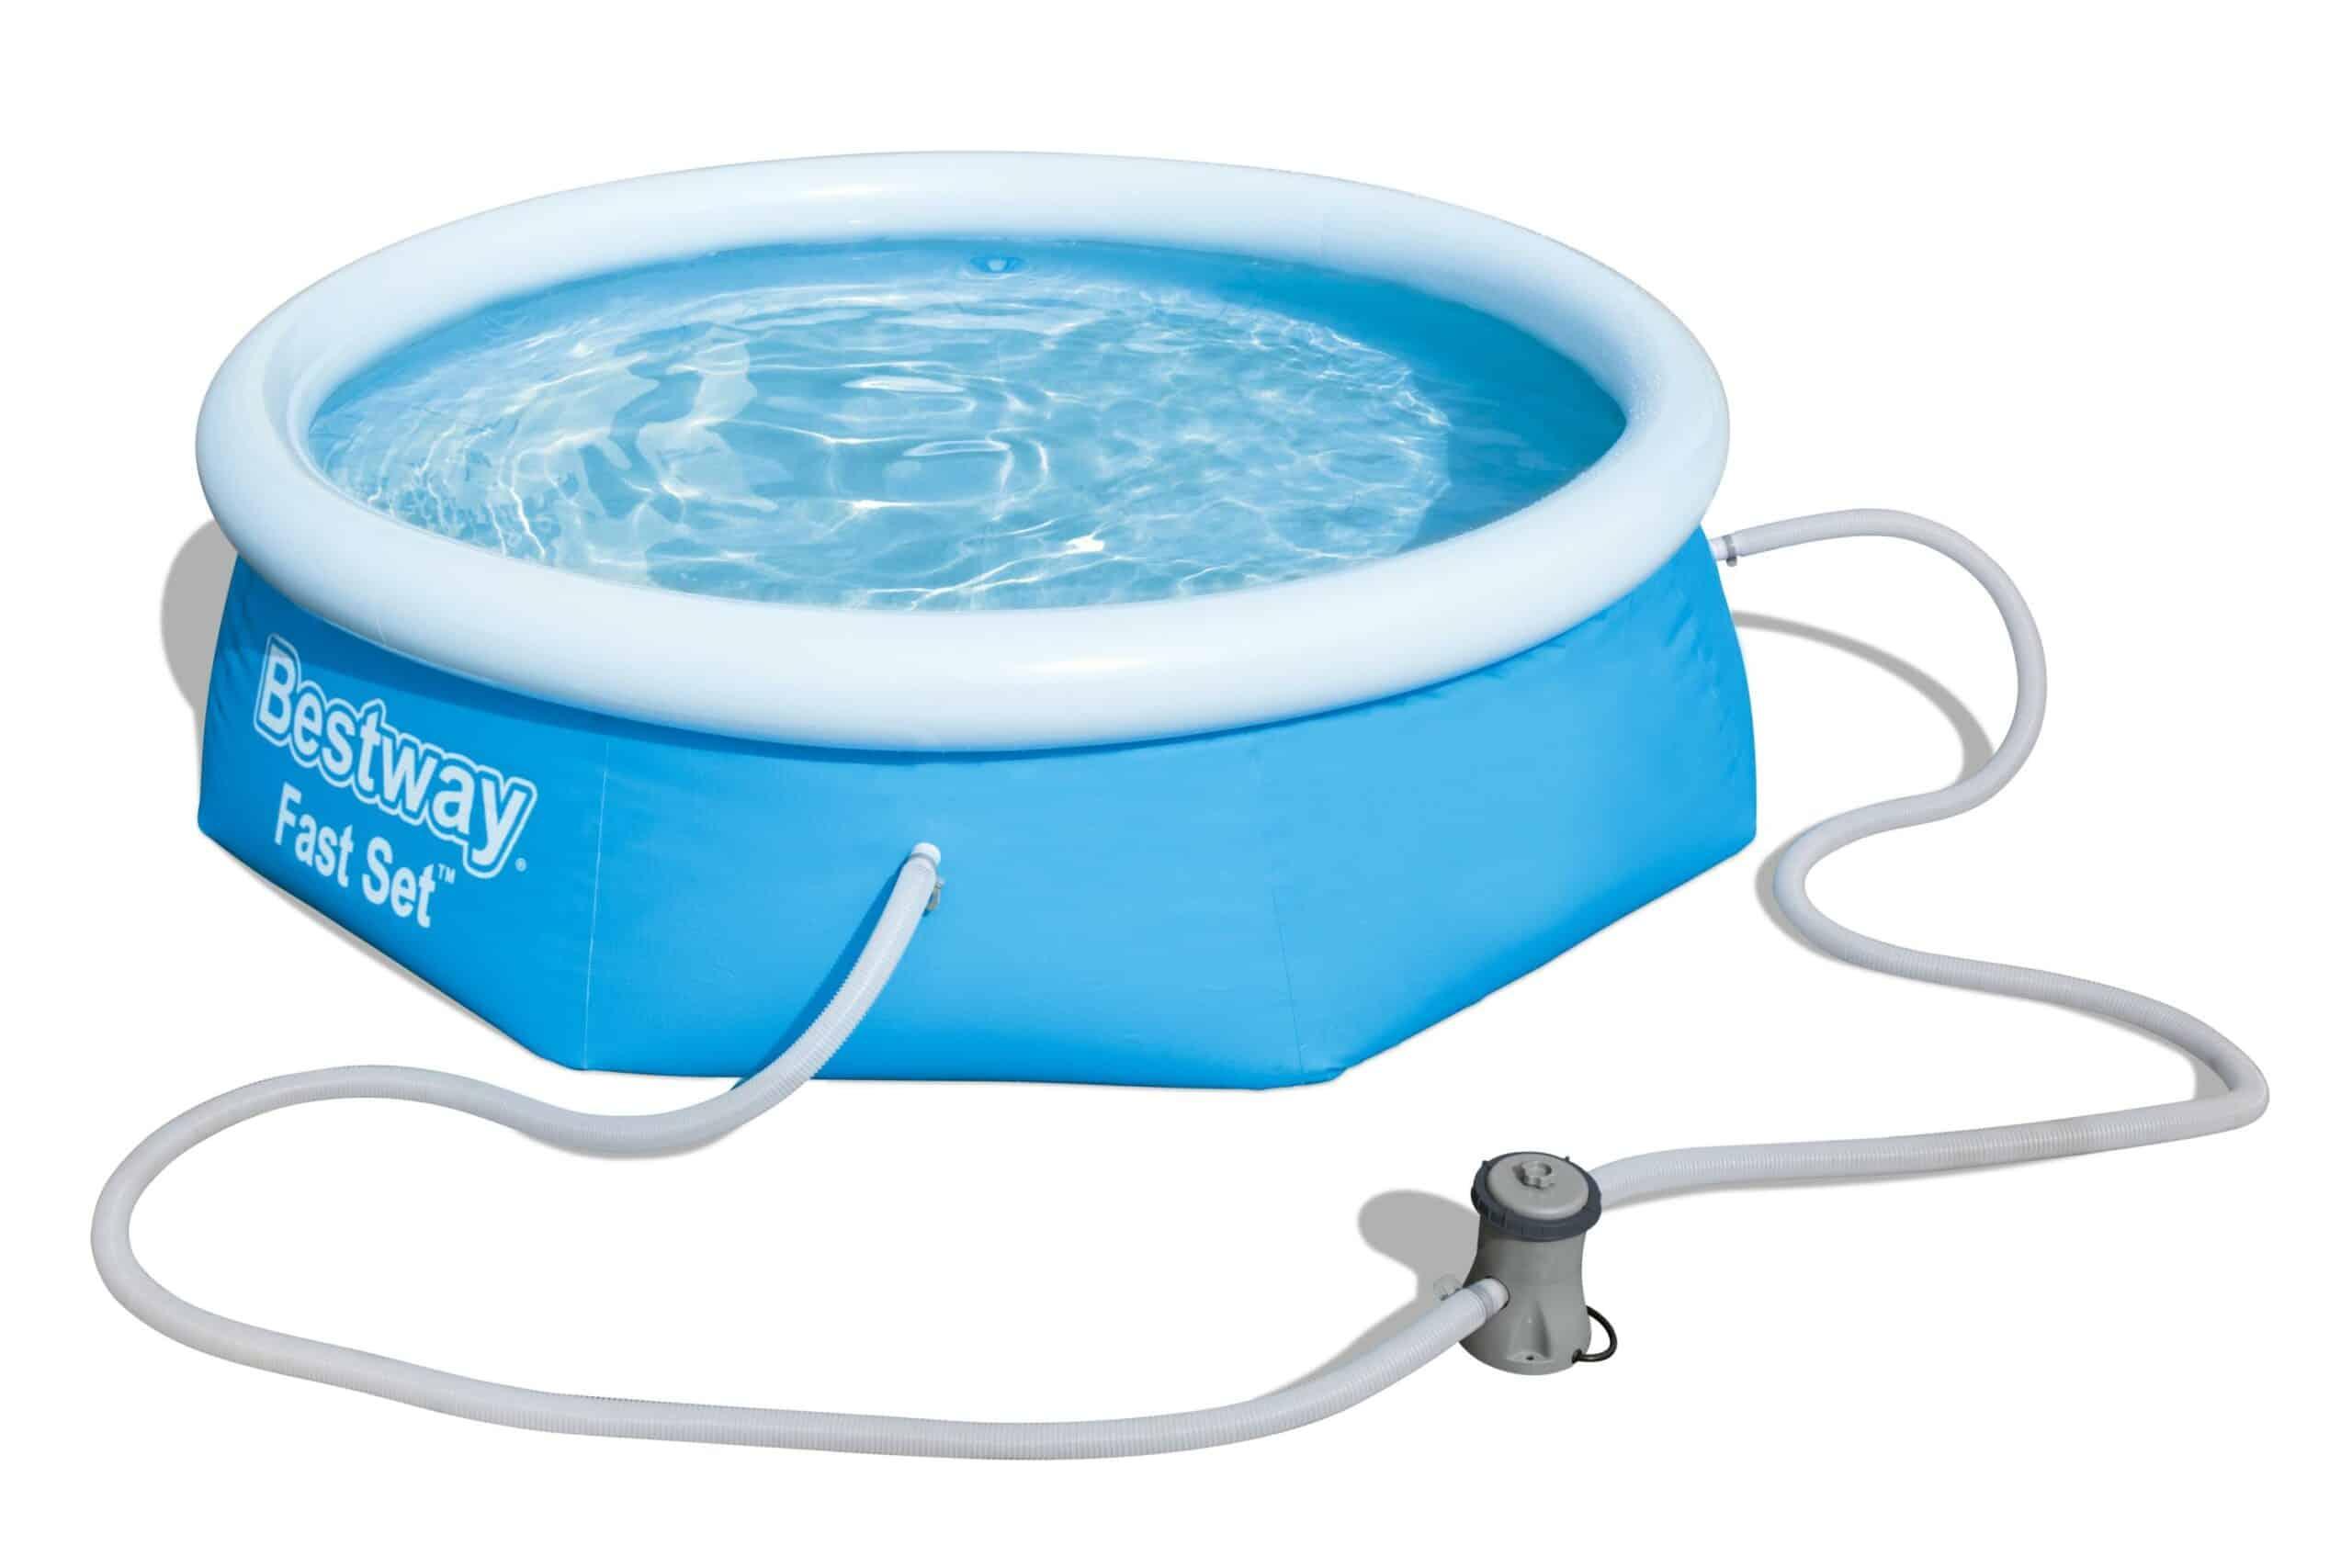 Rundt Bestway Fast U1 filterpumpe oppblåsbart basseng